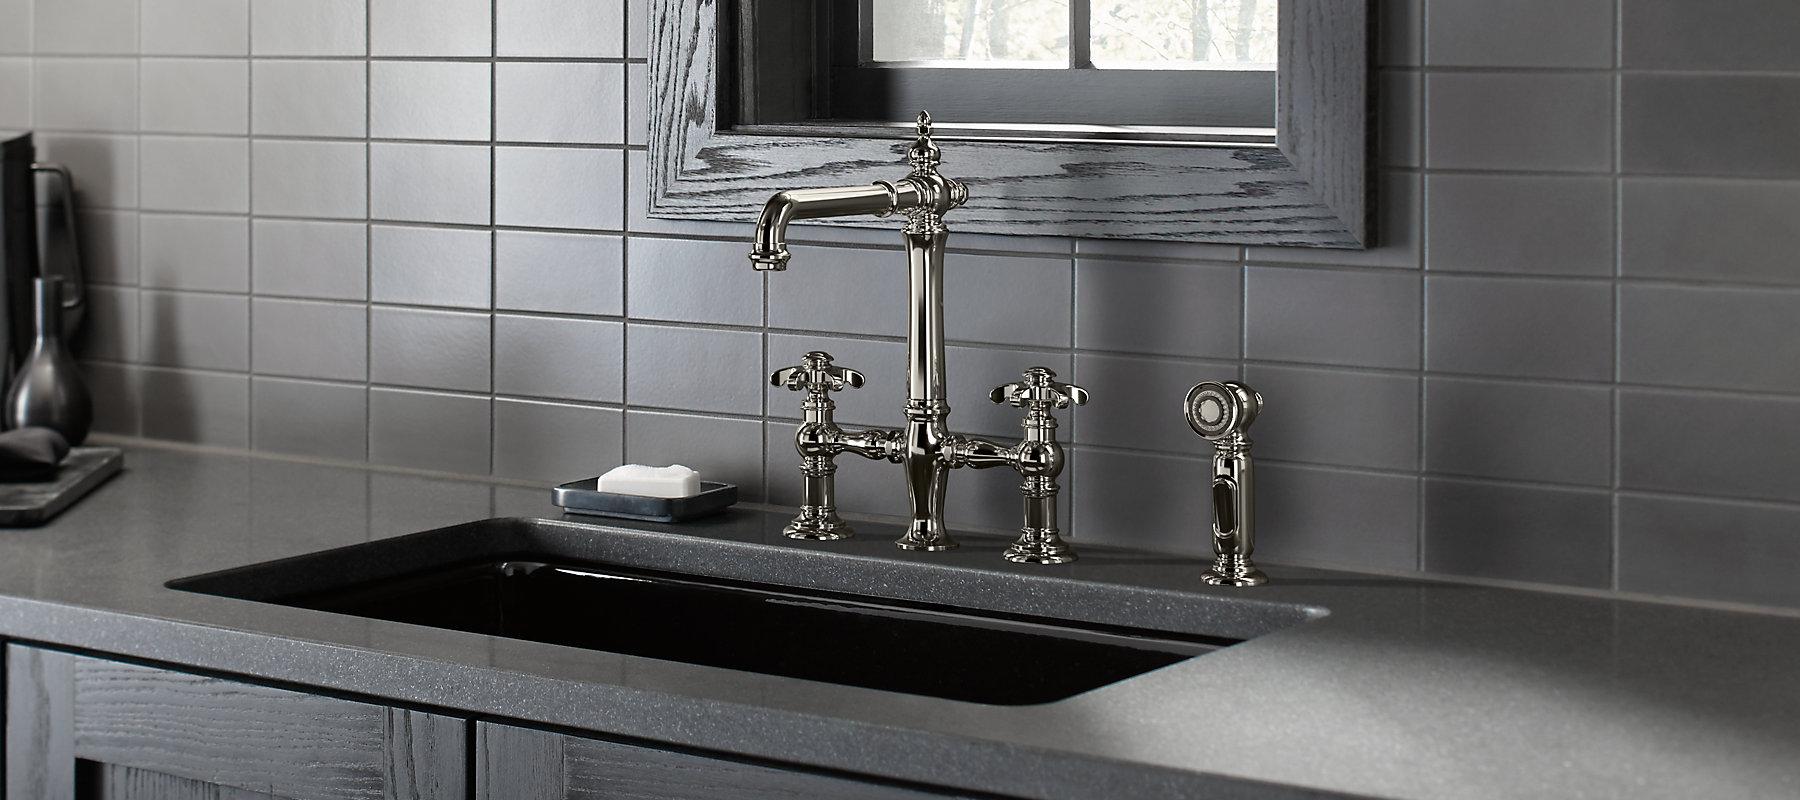 Kohler toilets showers sinks faucets and more for bathroom kitchen Kohler bathroom design services